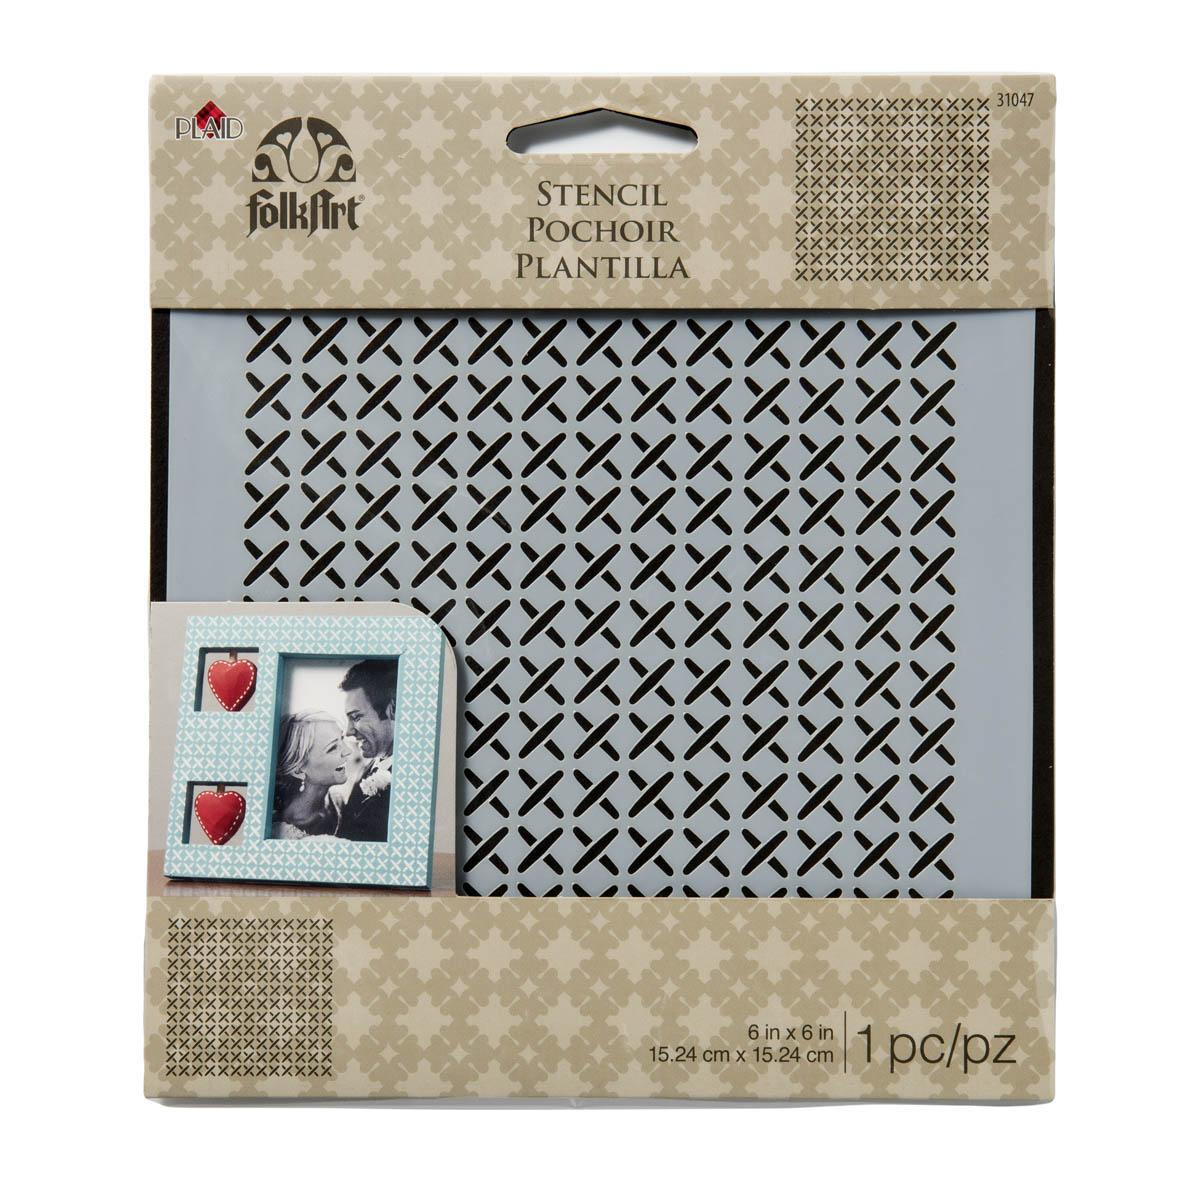 FolkArt ® Painting Stencils - Small - Cross Stitch